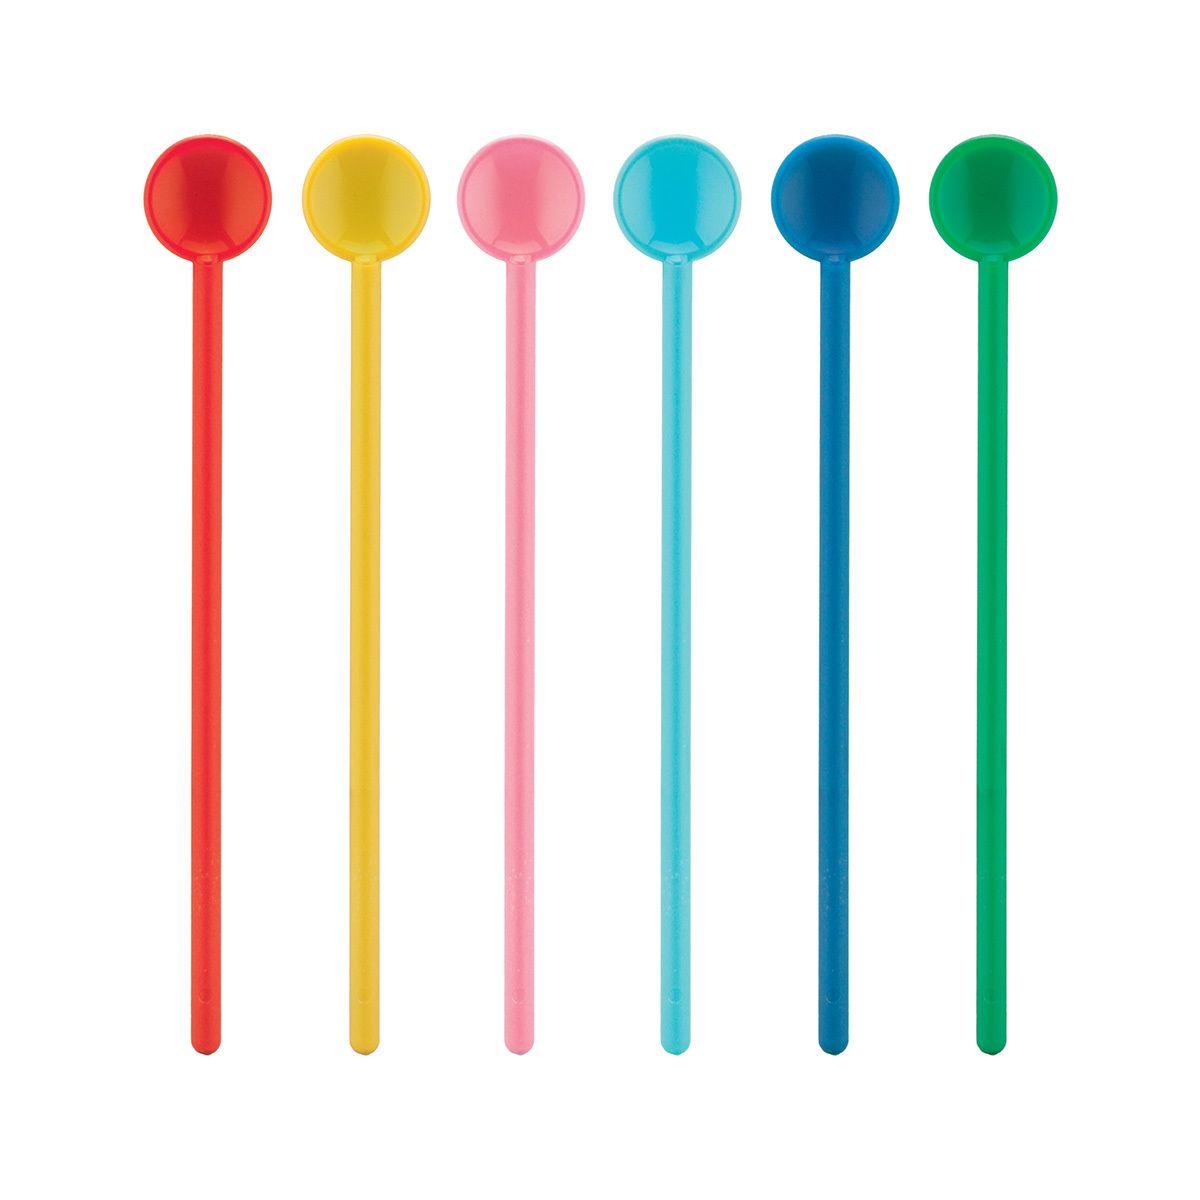 Spoon BISTRO Spoon